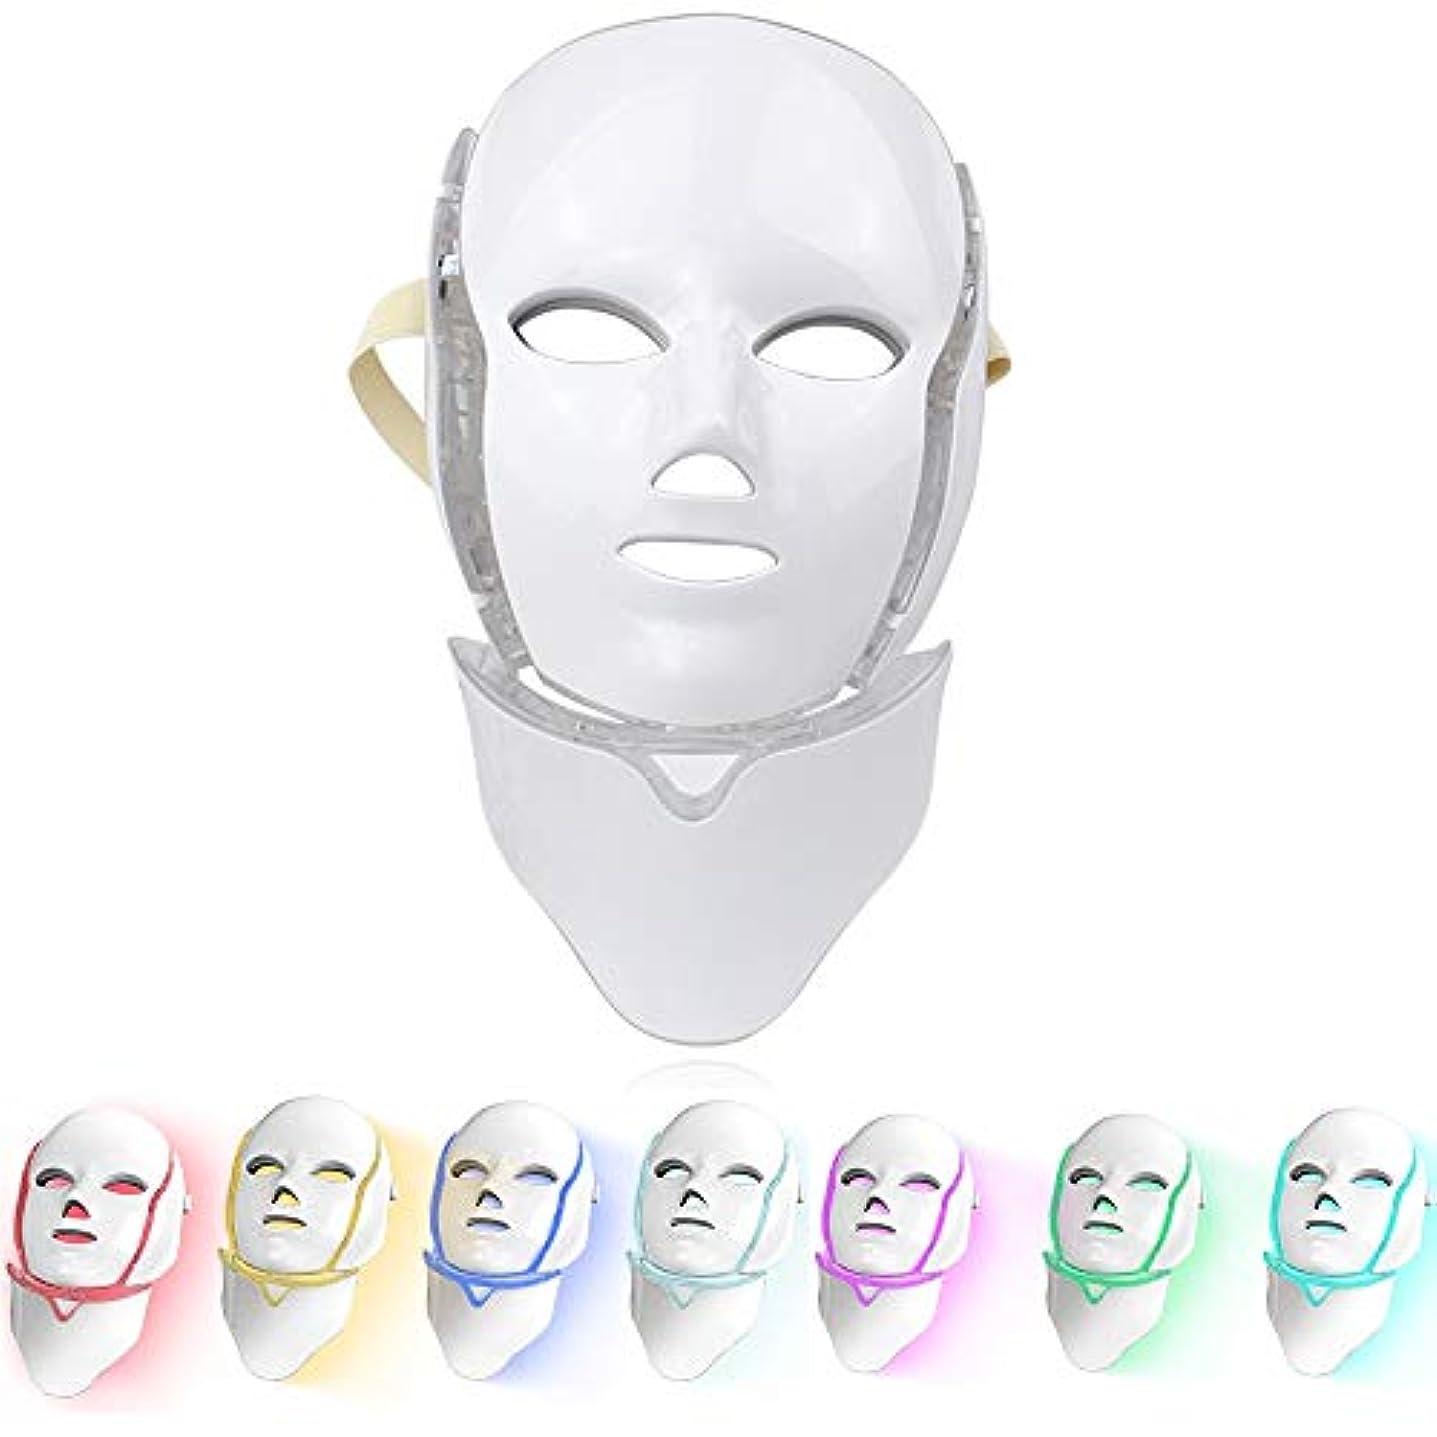 ベンチピカソ星LED光線療法マスク(ネック付き)7色光線治療スキンケア美容光線療法アンチエイジングアクネリンクルマスク